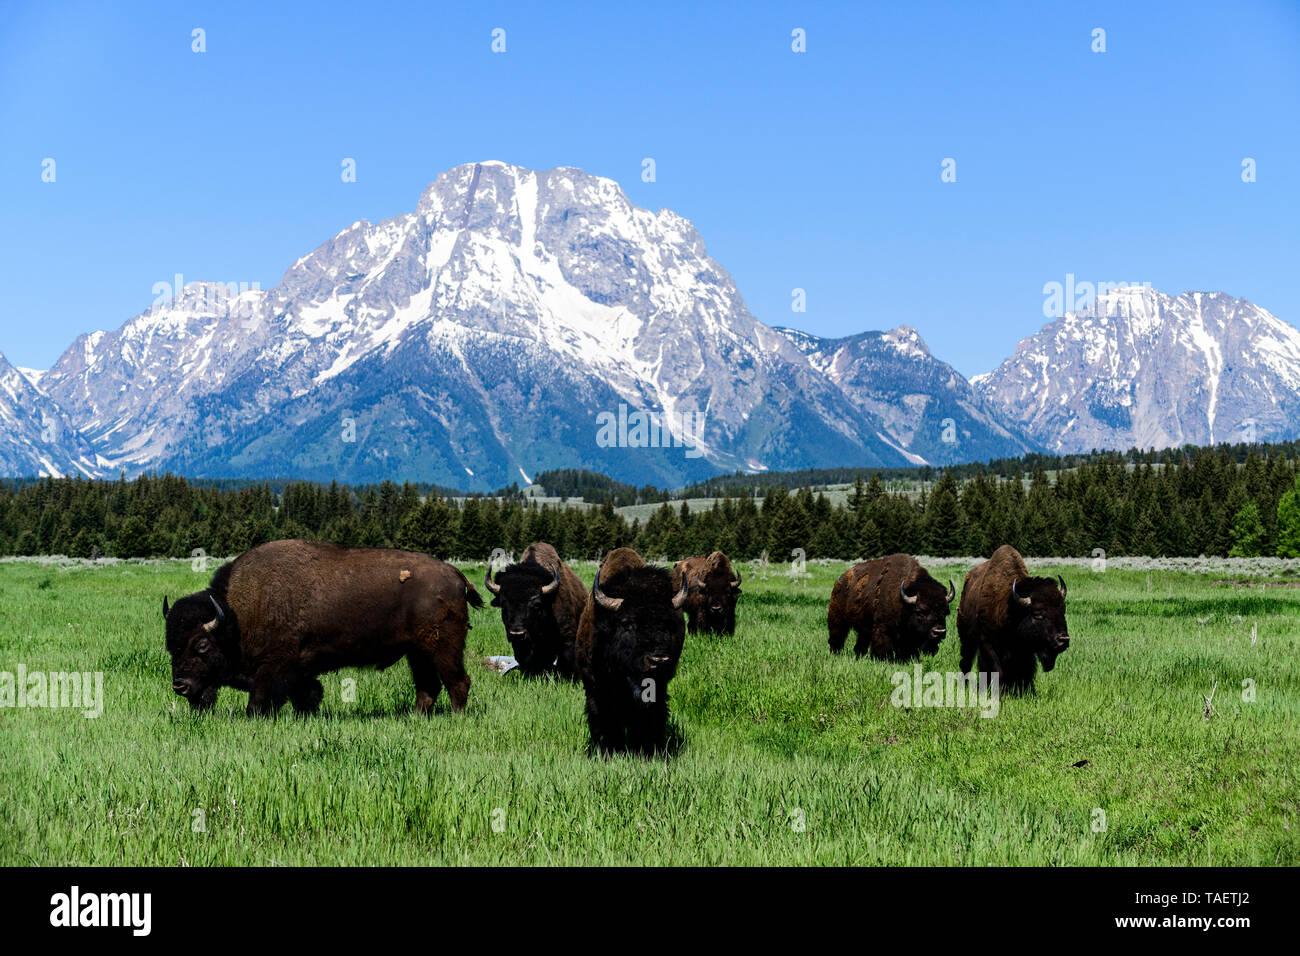 Eine Herde Bisons in einem Feld mit Mt. Moran im Hintergrund im Grand Teton National Park in der Nähe von Jackson Hole, Wyoming USA. Stockfoto